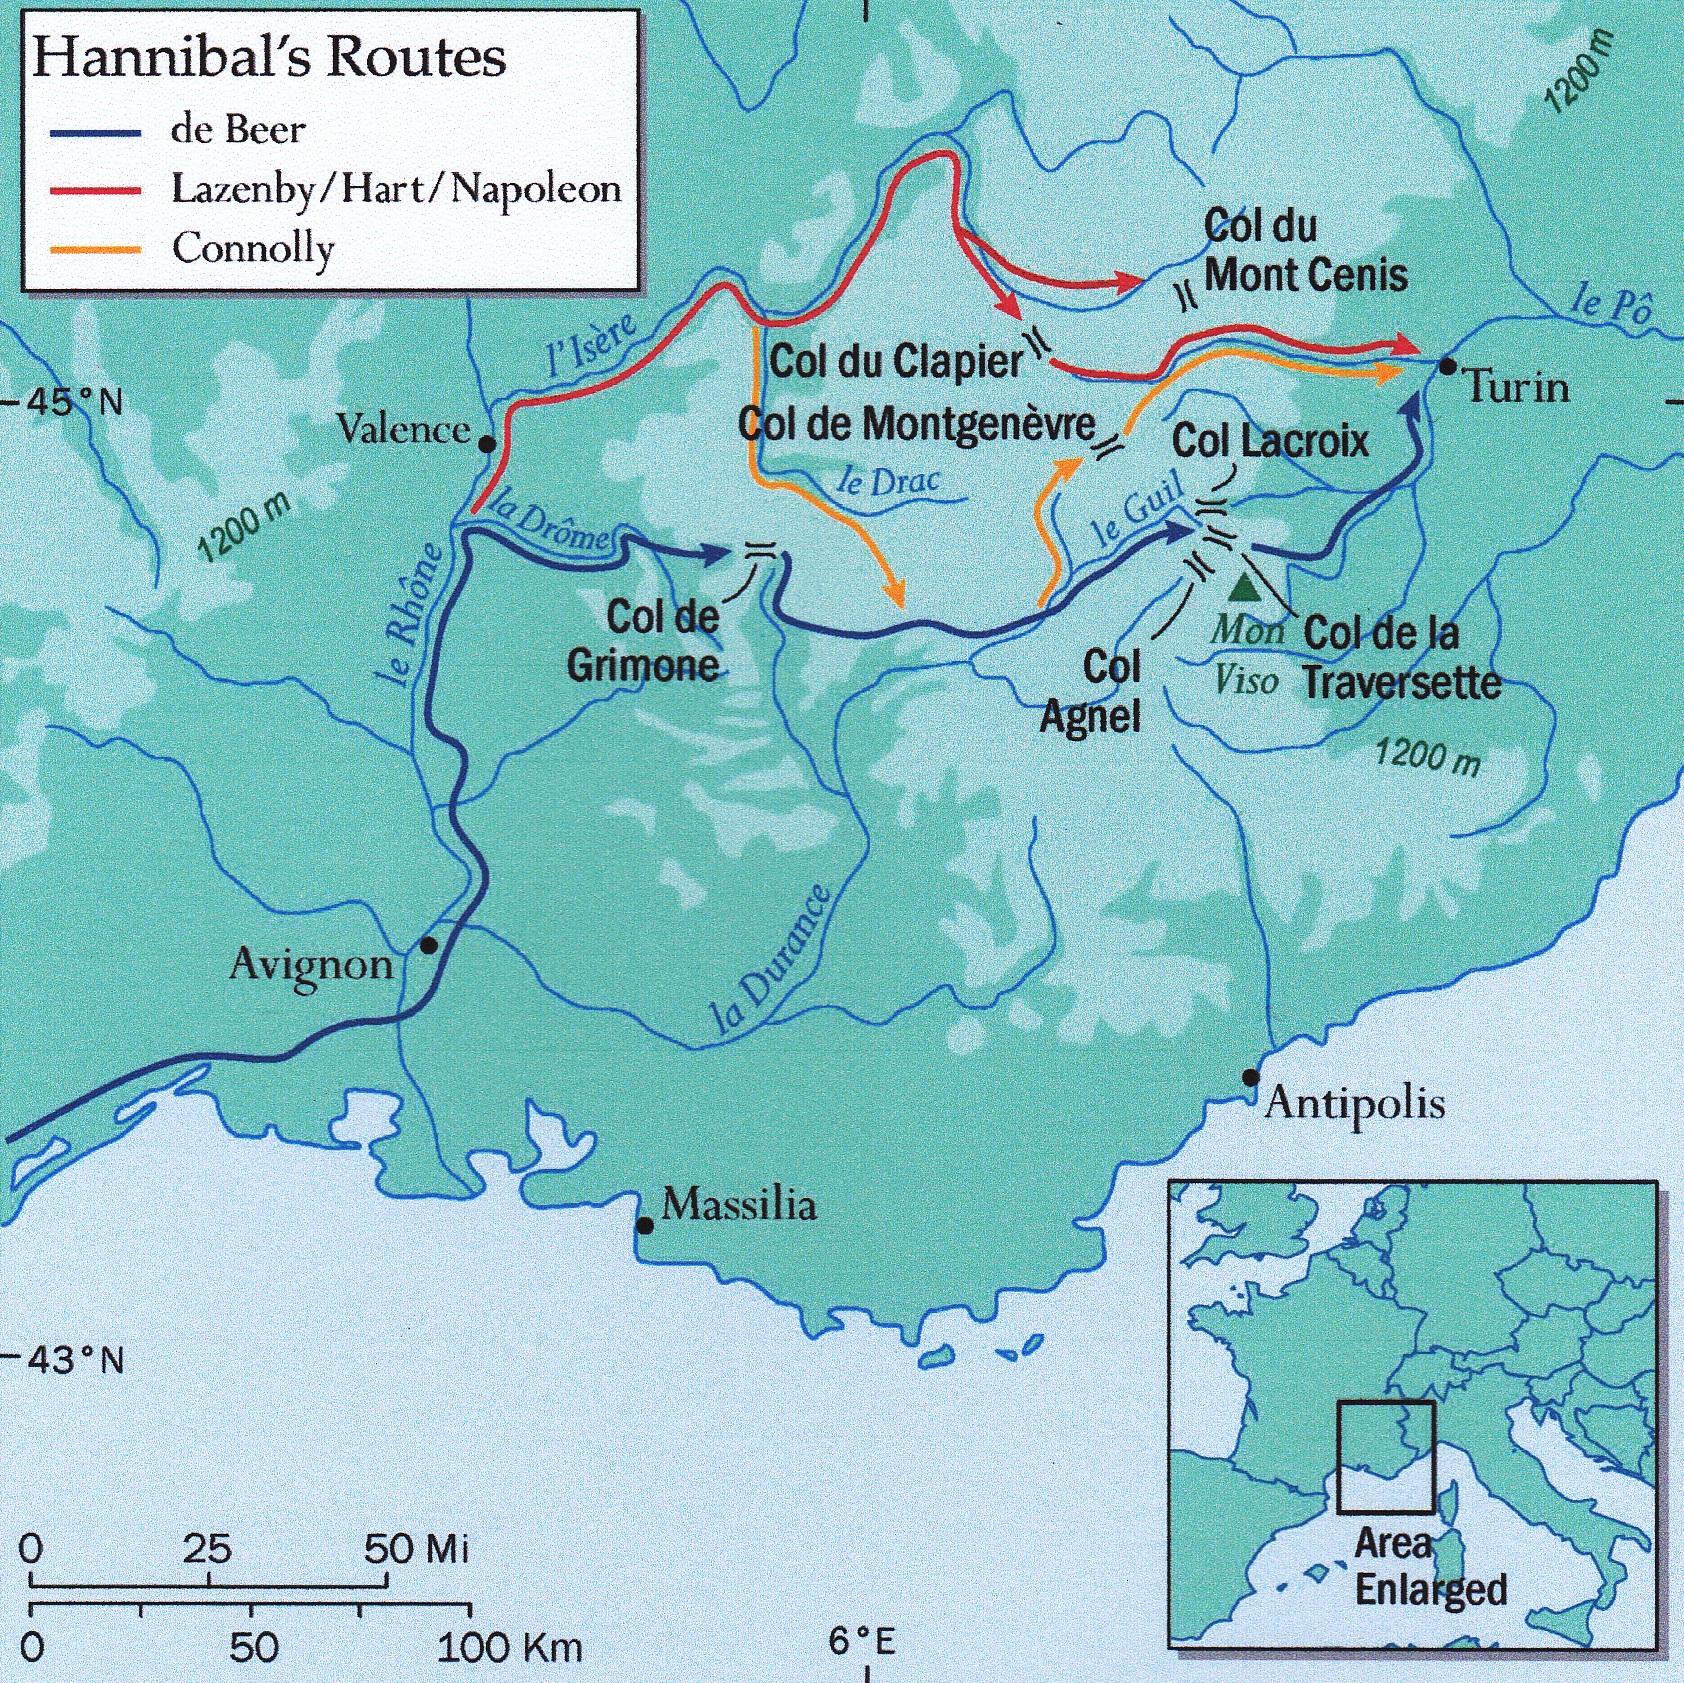 Allegato 3 - La Seconda, e più specificata, Mappa delle Tre Vie mahanyane (2008)